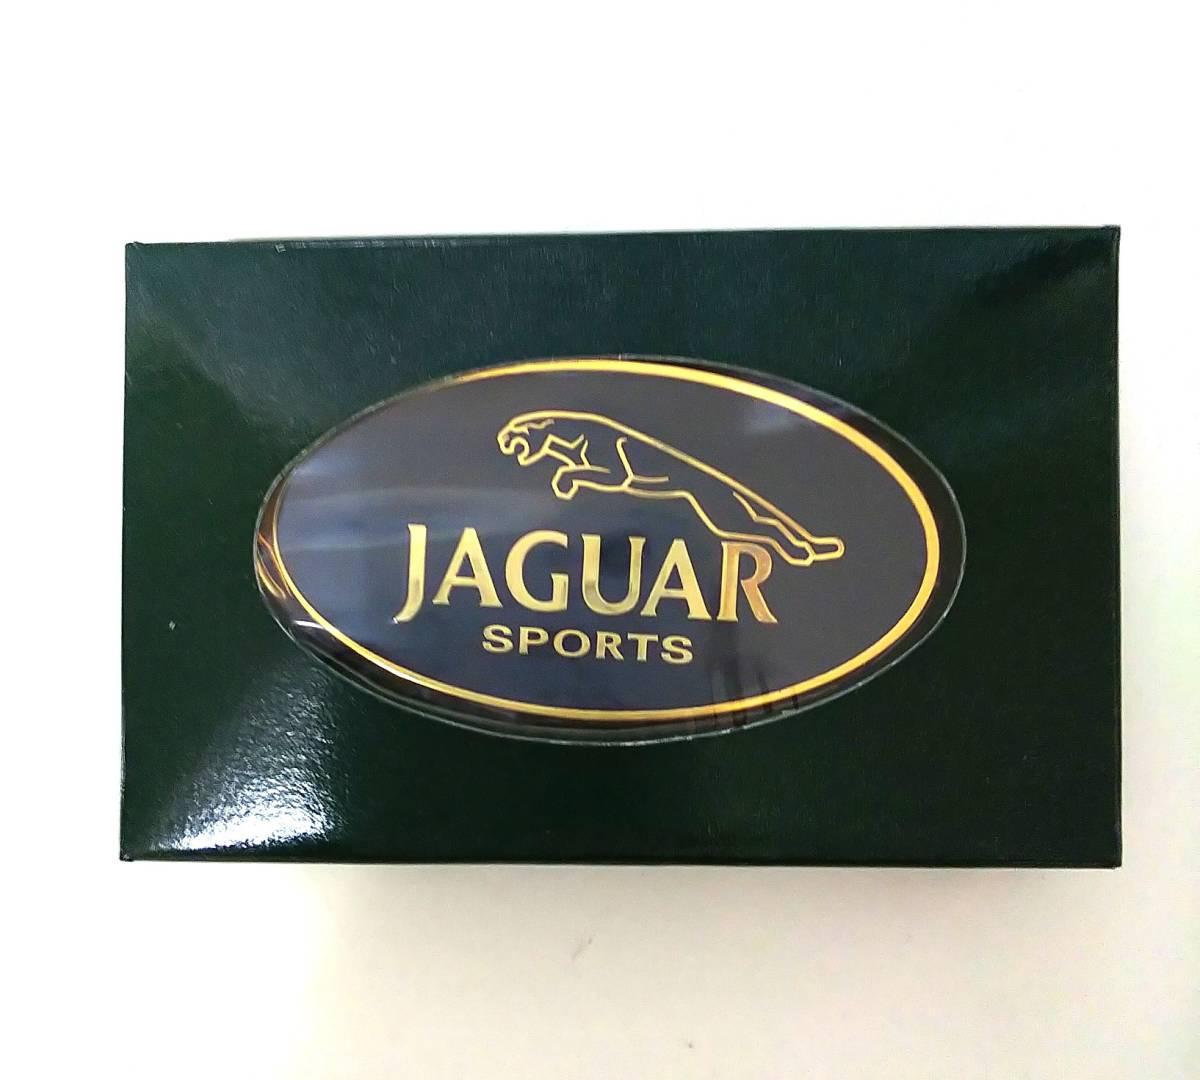 JAGUAR SPORTS ジャガー スポーツ キーホルダー_画像4